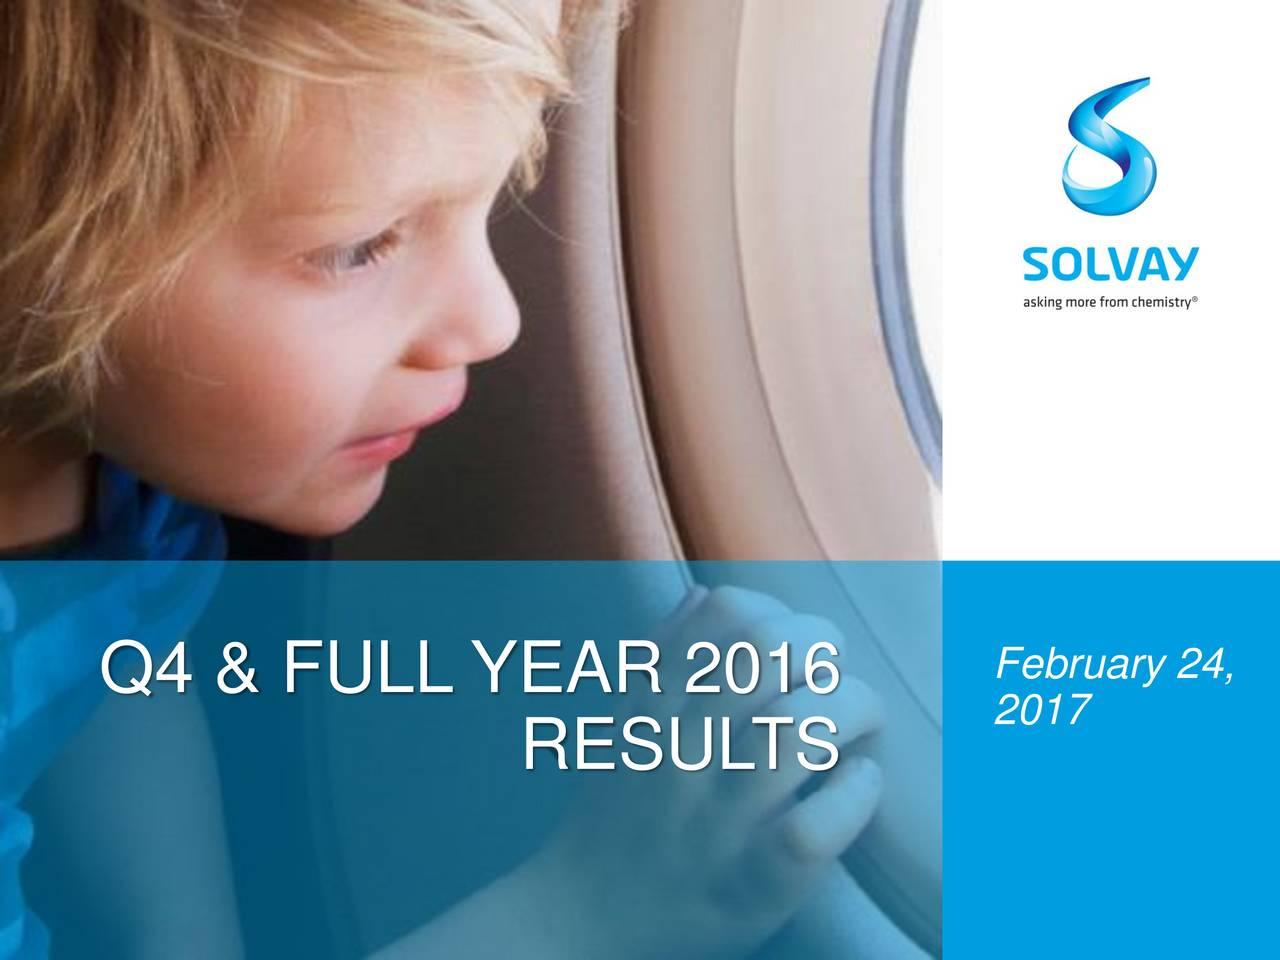 Q4 & FULL YEAR 2016 2017 RESUL TS